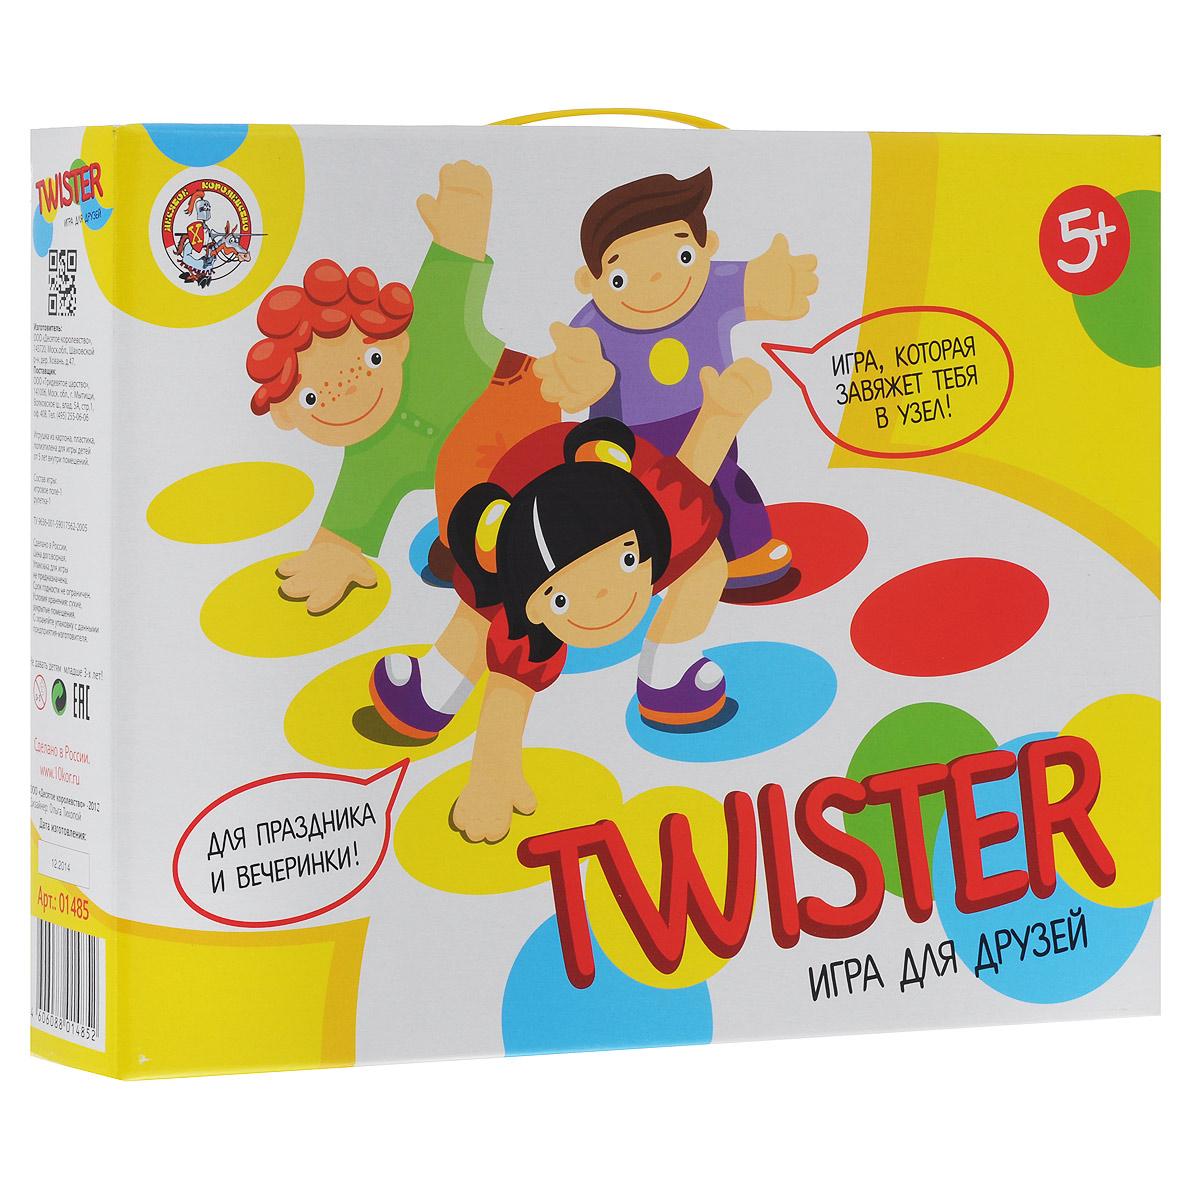 Игра Десятое королевство Твистер01485Игра Десятое королевство Твистер - это веселая и интересная игра для подвижных и активных детей, а также и их родителей. В компании с этой игрой никогда не будет скучно! Поле выполнено из прочного ПВХ. Яркие круги на поле поднимут всеобщее настроение, а значит, праздник будет еще веселей! В состав игры входят поле и рулетка из плотного картона с пластиковой стрелкой. Рулетка представляет из себя круг, разделенный на 4 сектора: руки (левая и правая) и ноги (левая и правая). В каждом секторе - 4 круга: синий, зеленый, желтый и красный. Эта игра учит детей и взрослых играть в команде, уметь слышать и понимать всех участников игры.